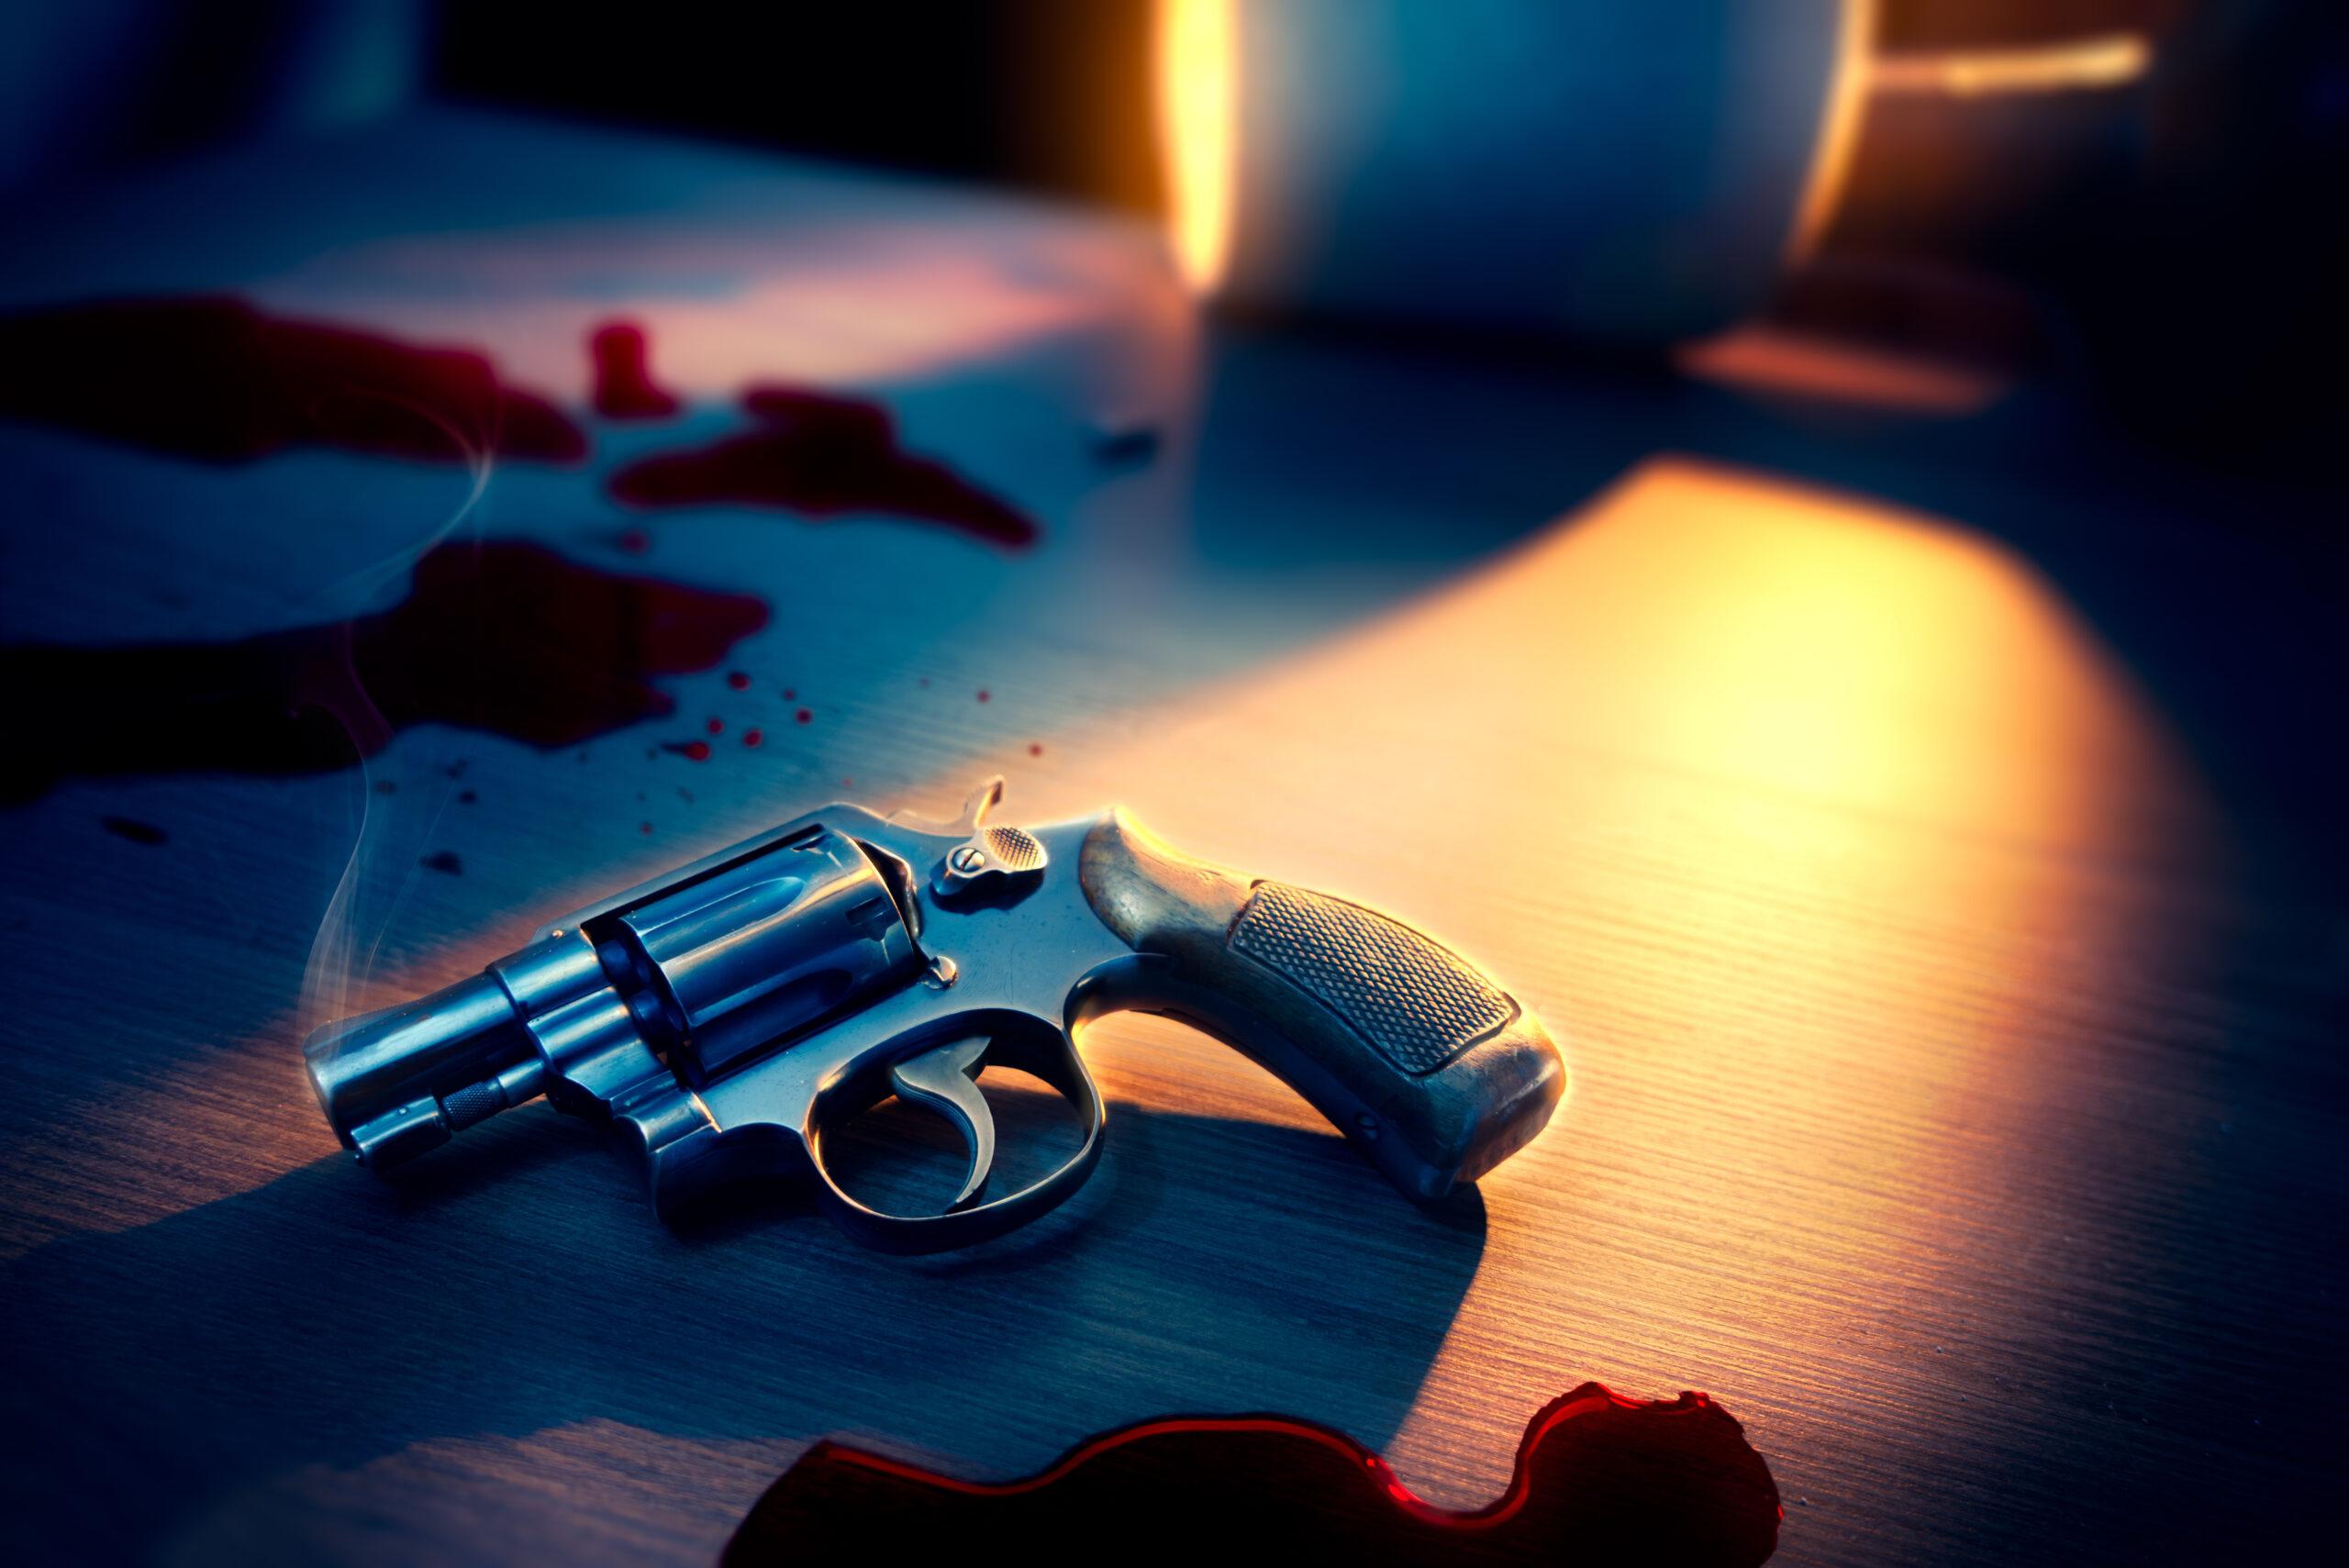 人を殺す夢